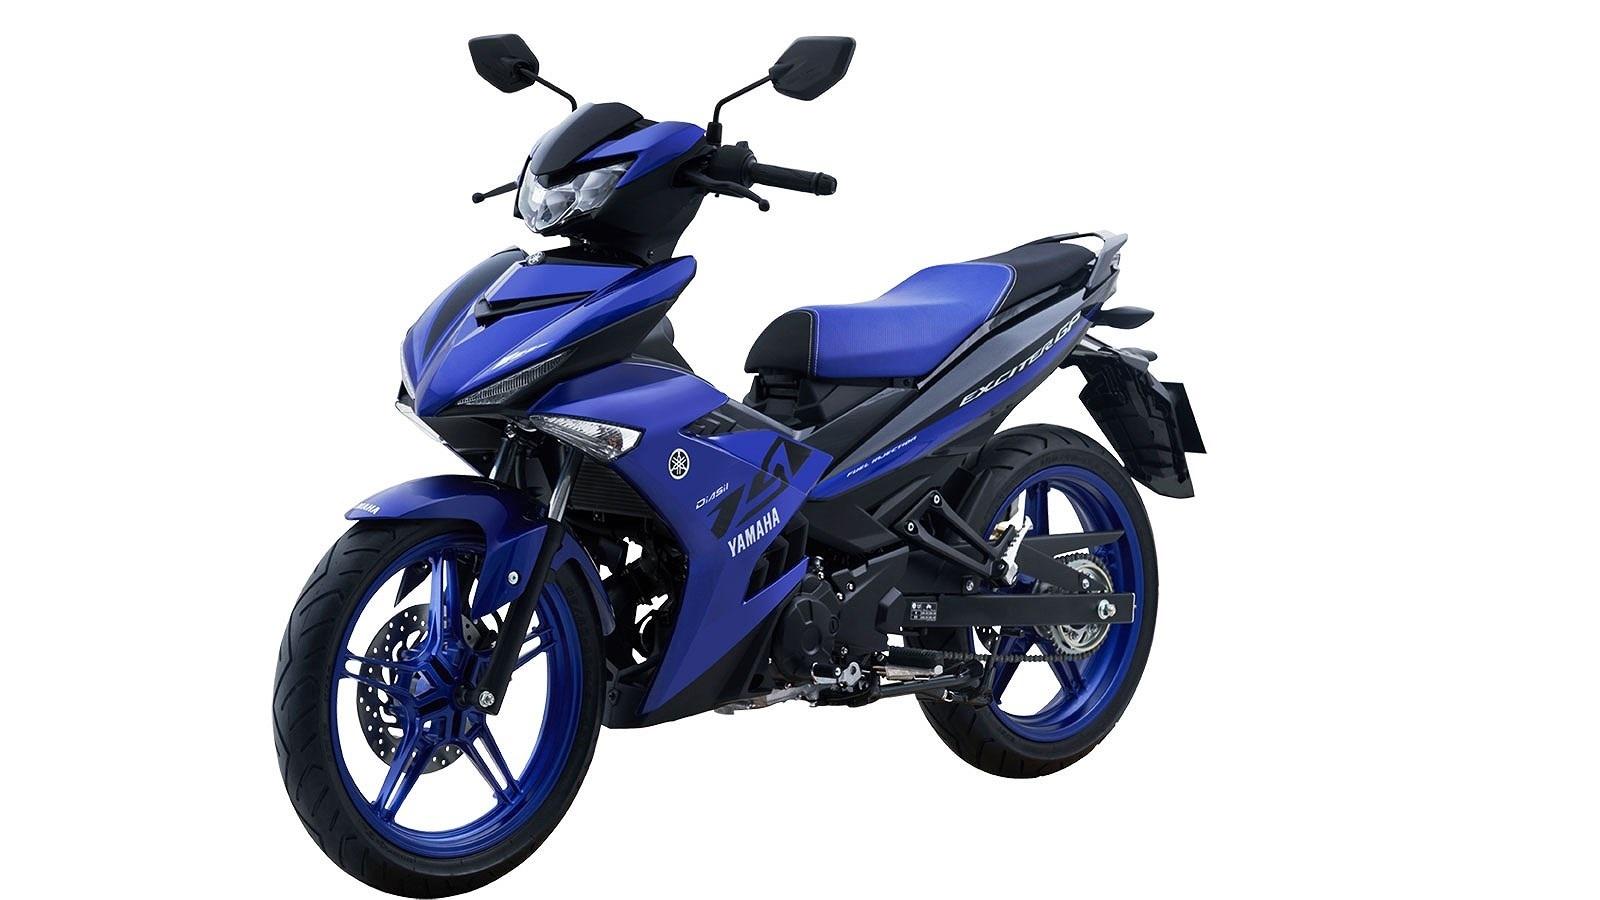 Ba mẫu xe côn tay dưới 50 triệu đáng mua nhất hiện nay tại thị trường Việt Nam - Hình 1